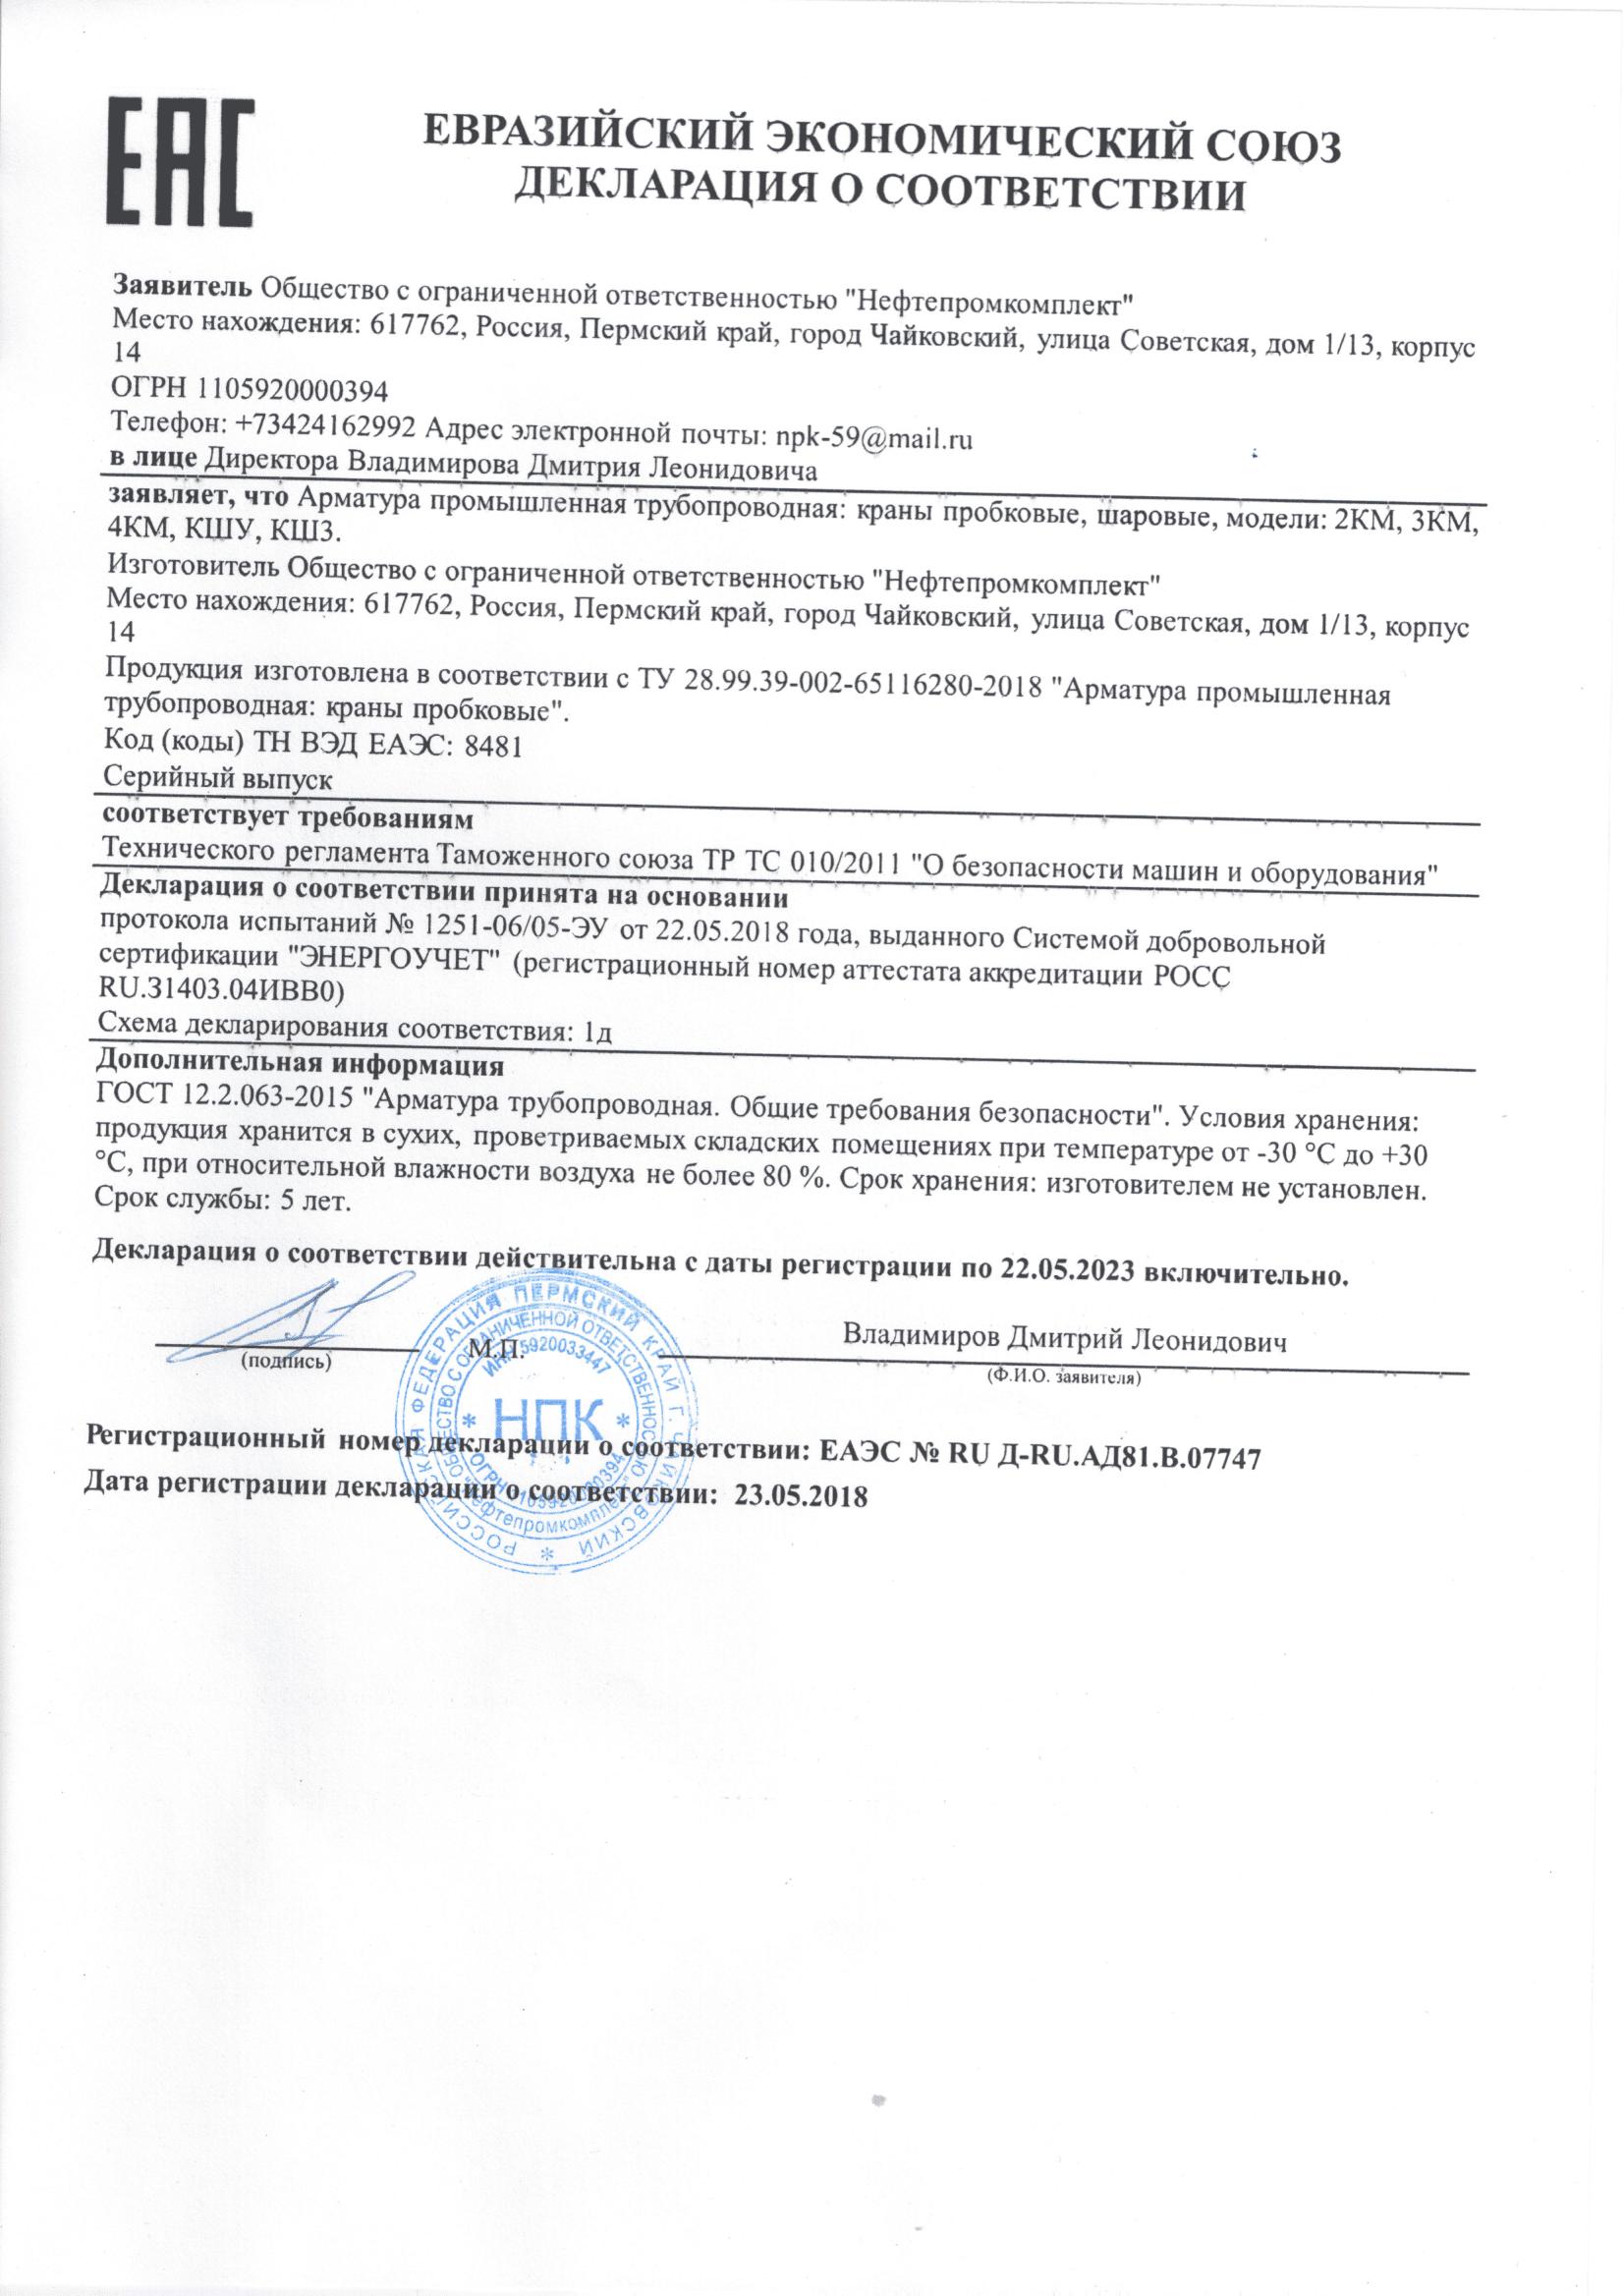 Декларация таможенного союза на краны пробковые и шаровые